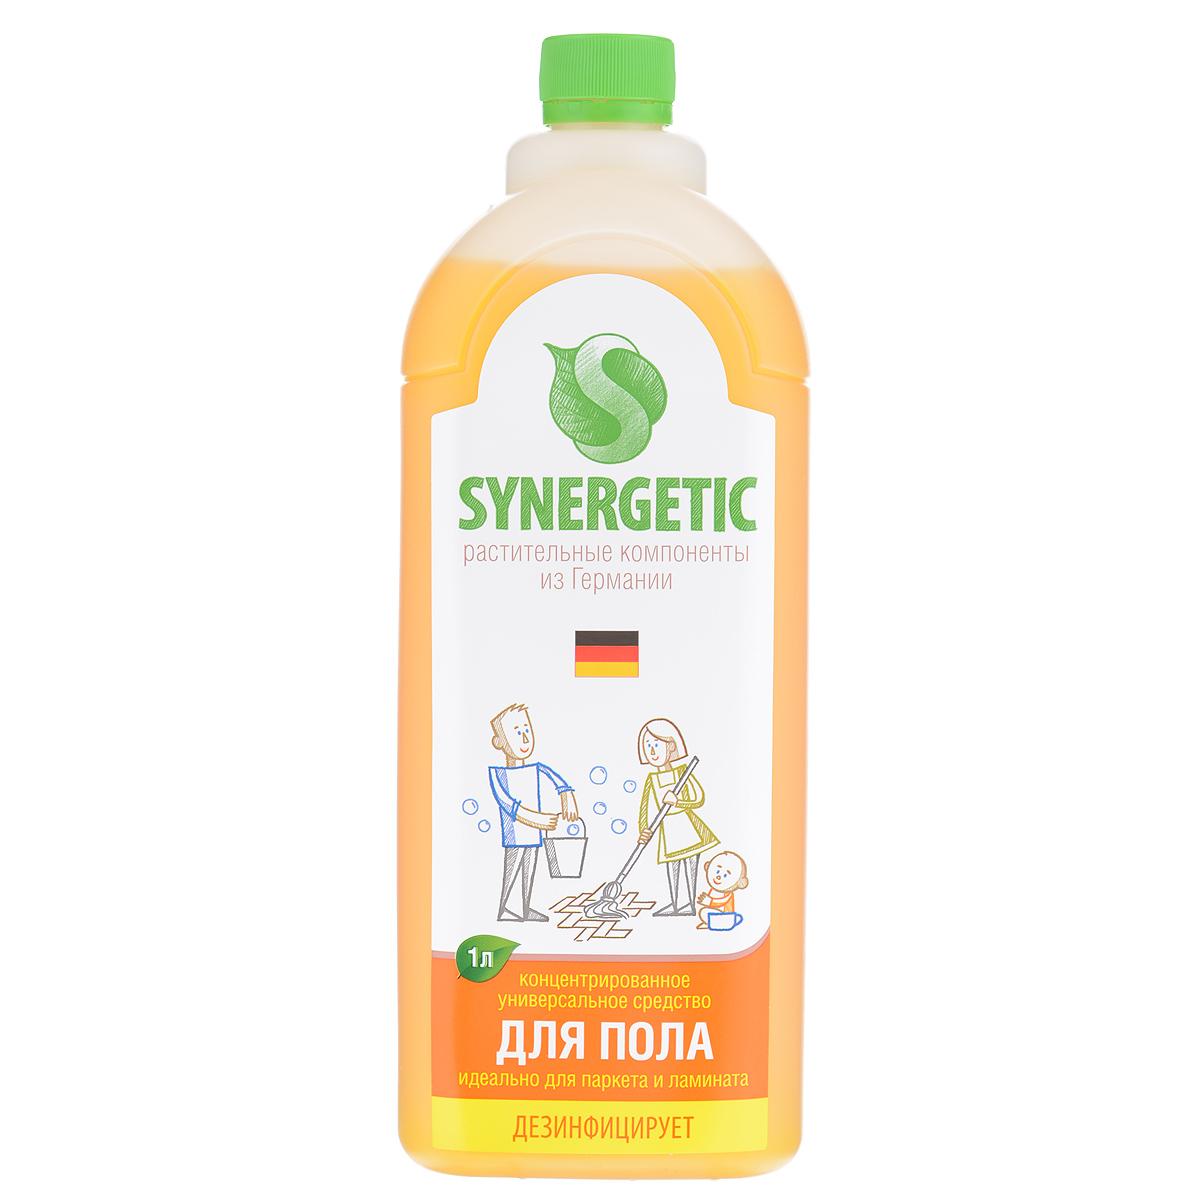 Средство для мытья полов Synergetic, концентрированное, 1 л101100Концентрированное средство для мытья полов Synergetic мягко очищает и ухаживает, защищая поверхность от неблагоприятного внешнего воздействия. Не оставляет разводов. Идеально подходит для мытья паркета и ламината, а также любых других поверхностей. Состав: 5-15% А-тензиды (растительного происхождения), НТА 3%, натуральный экстракт цветов, пищевой краситель. Товар сертифицирован.